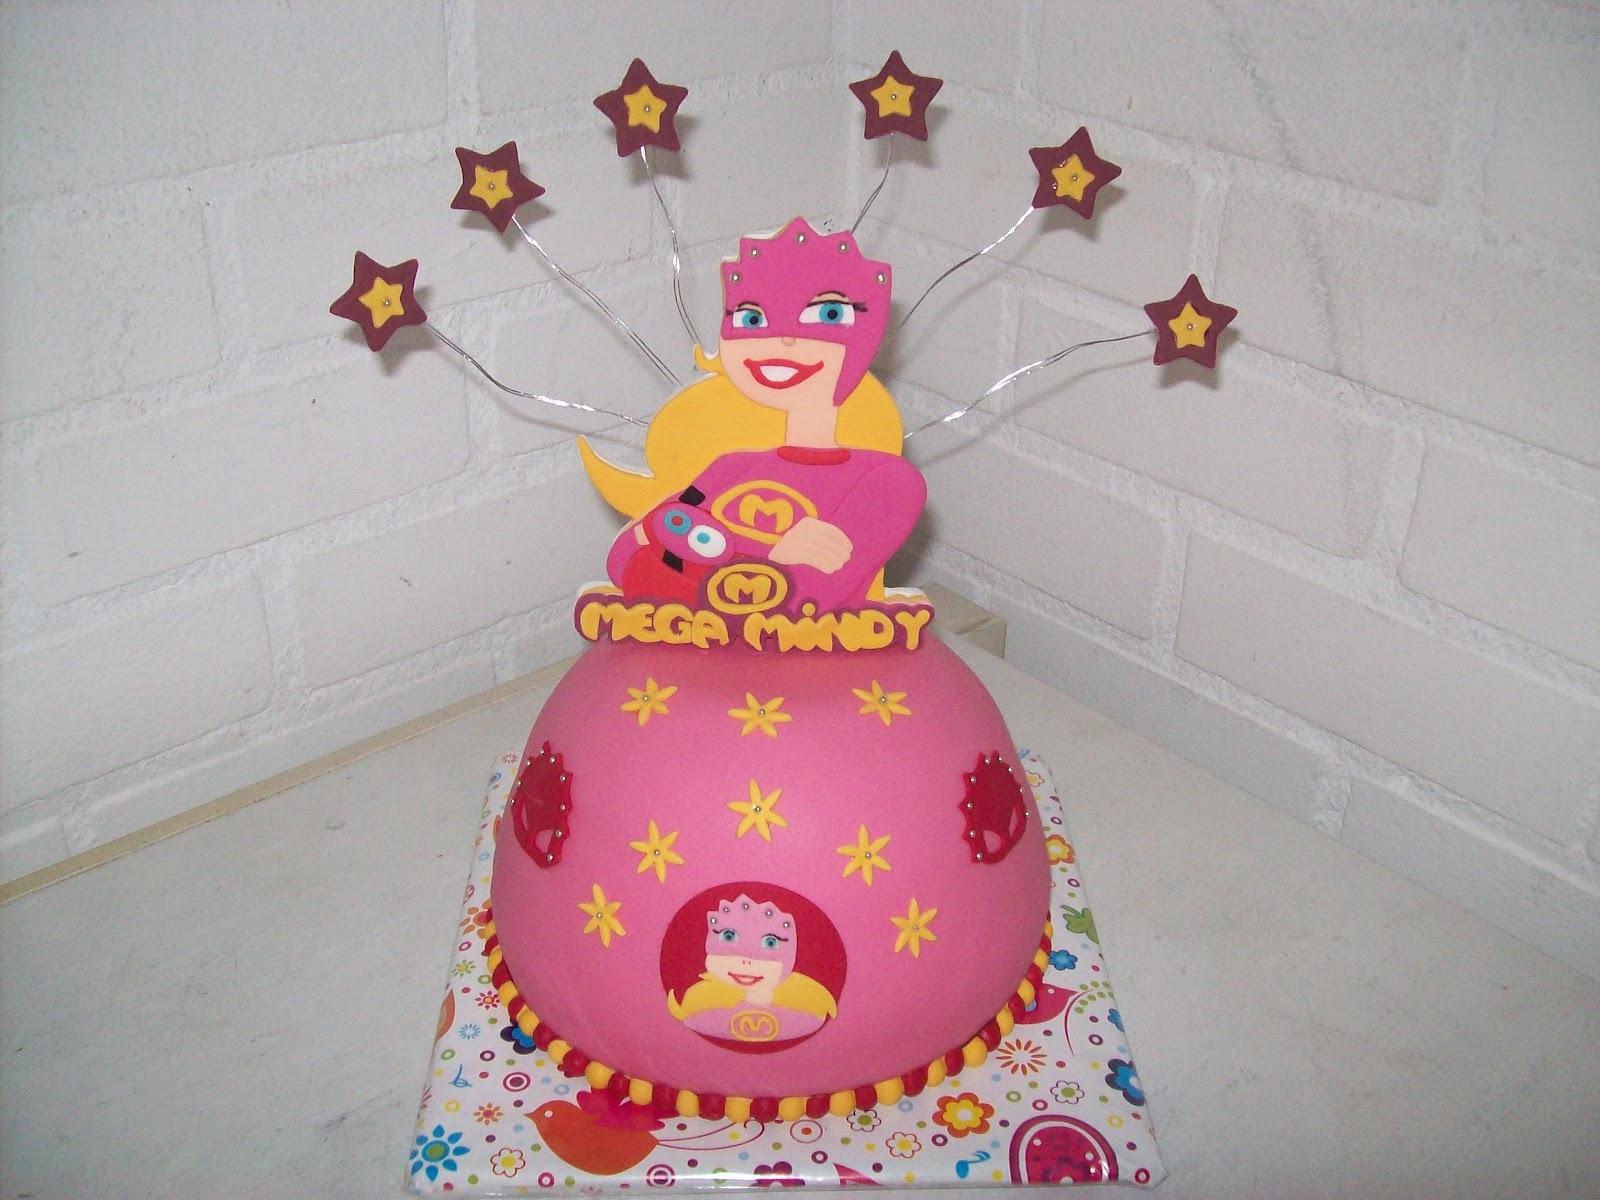 mega mindy taart maken Taartjesgeluk: Mega Mindy mega mindy taart maken